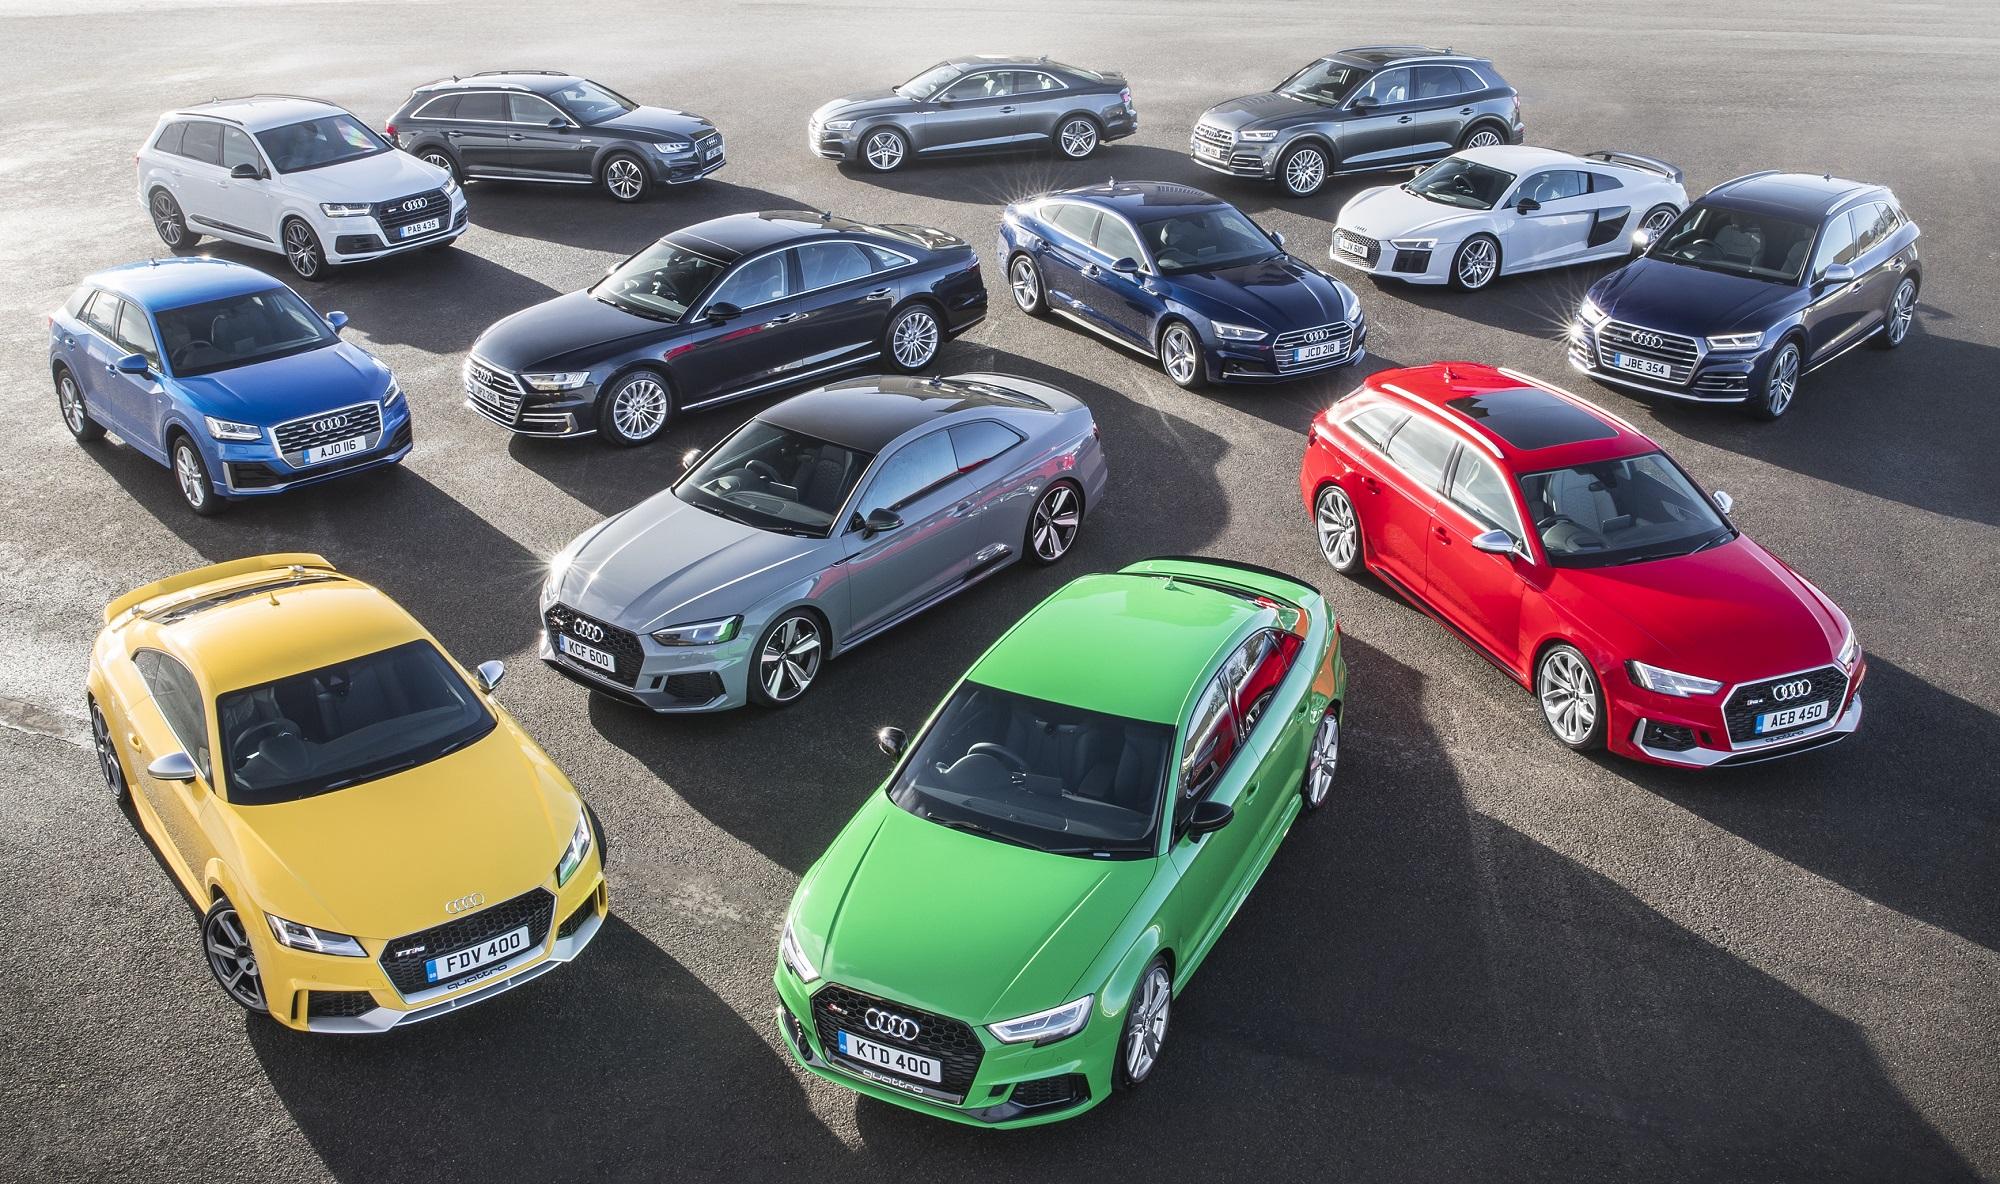 Vendas da Audi crescem 4,5% no primeiro semestre de 2018 em todo o mundo